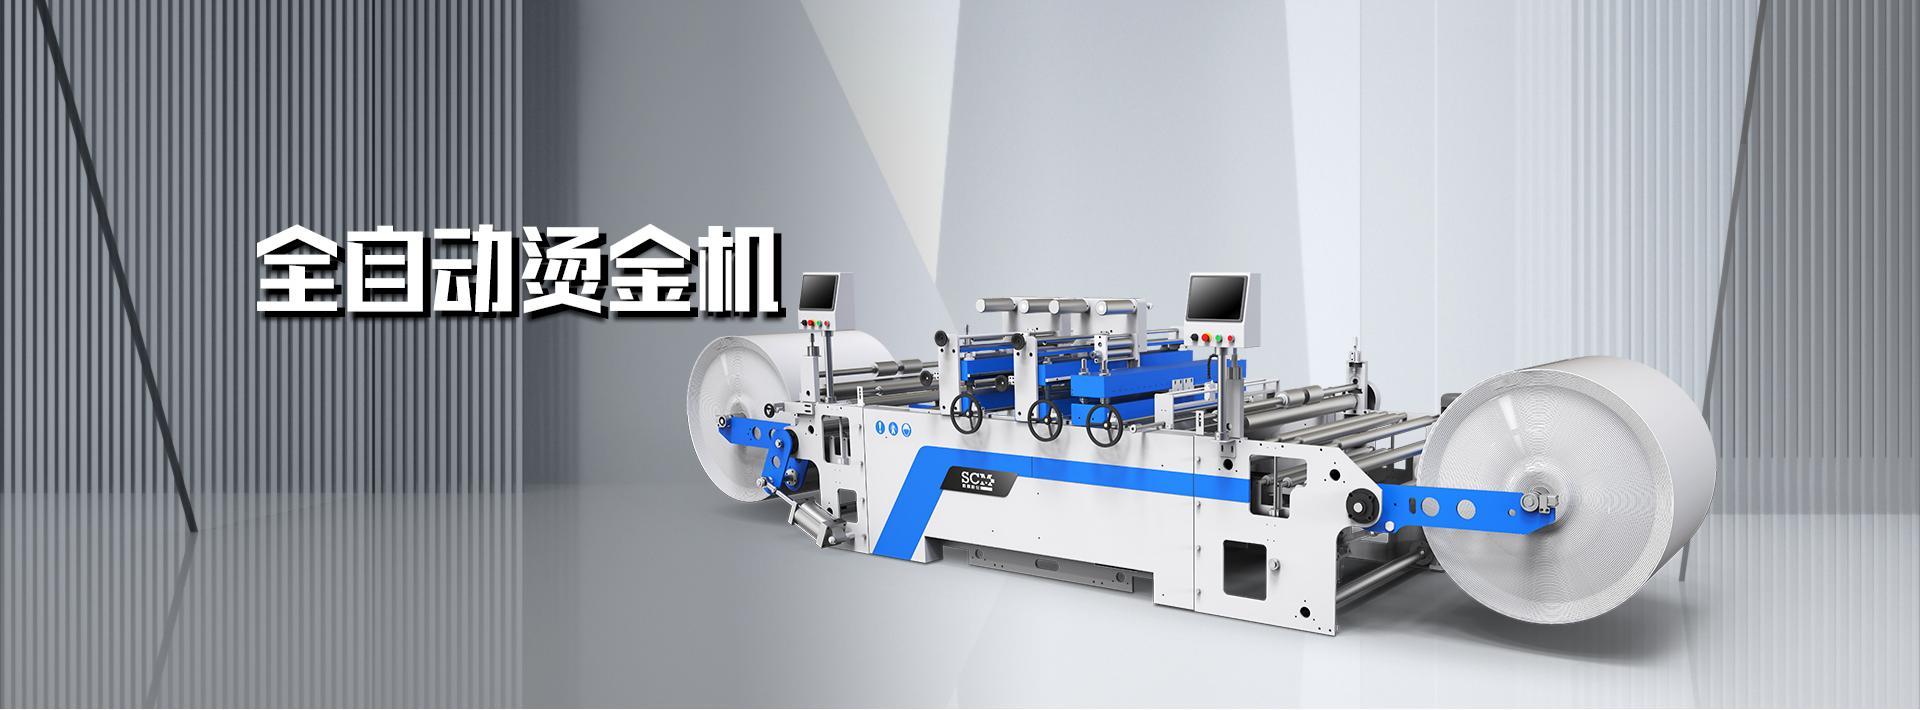 胜昌机械20年专注卷料印后深加工领域 支持非标自动化印后设备的研发与定制